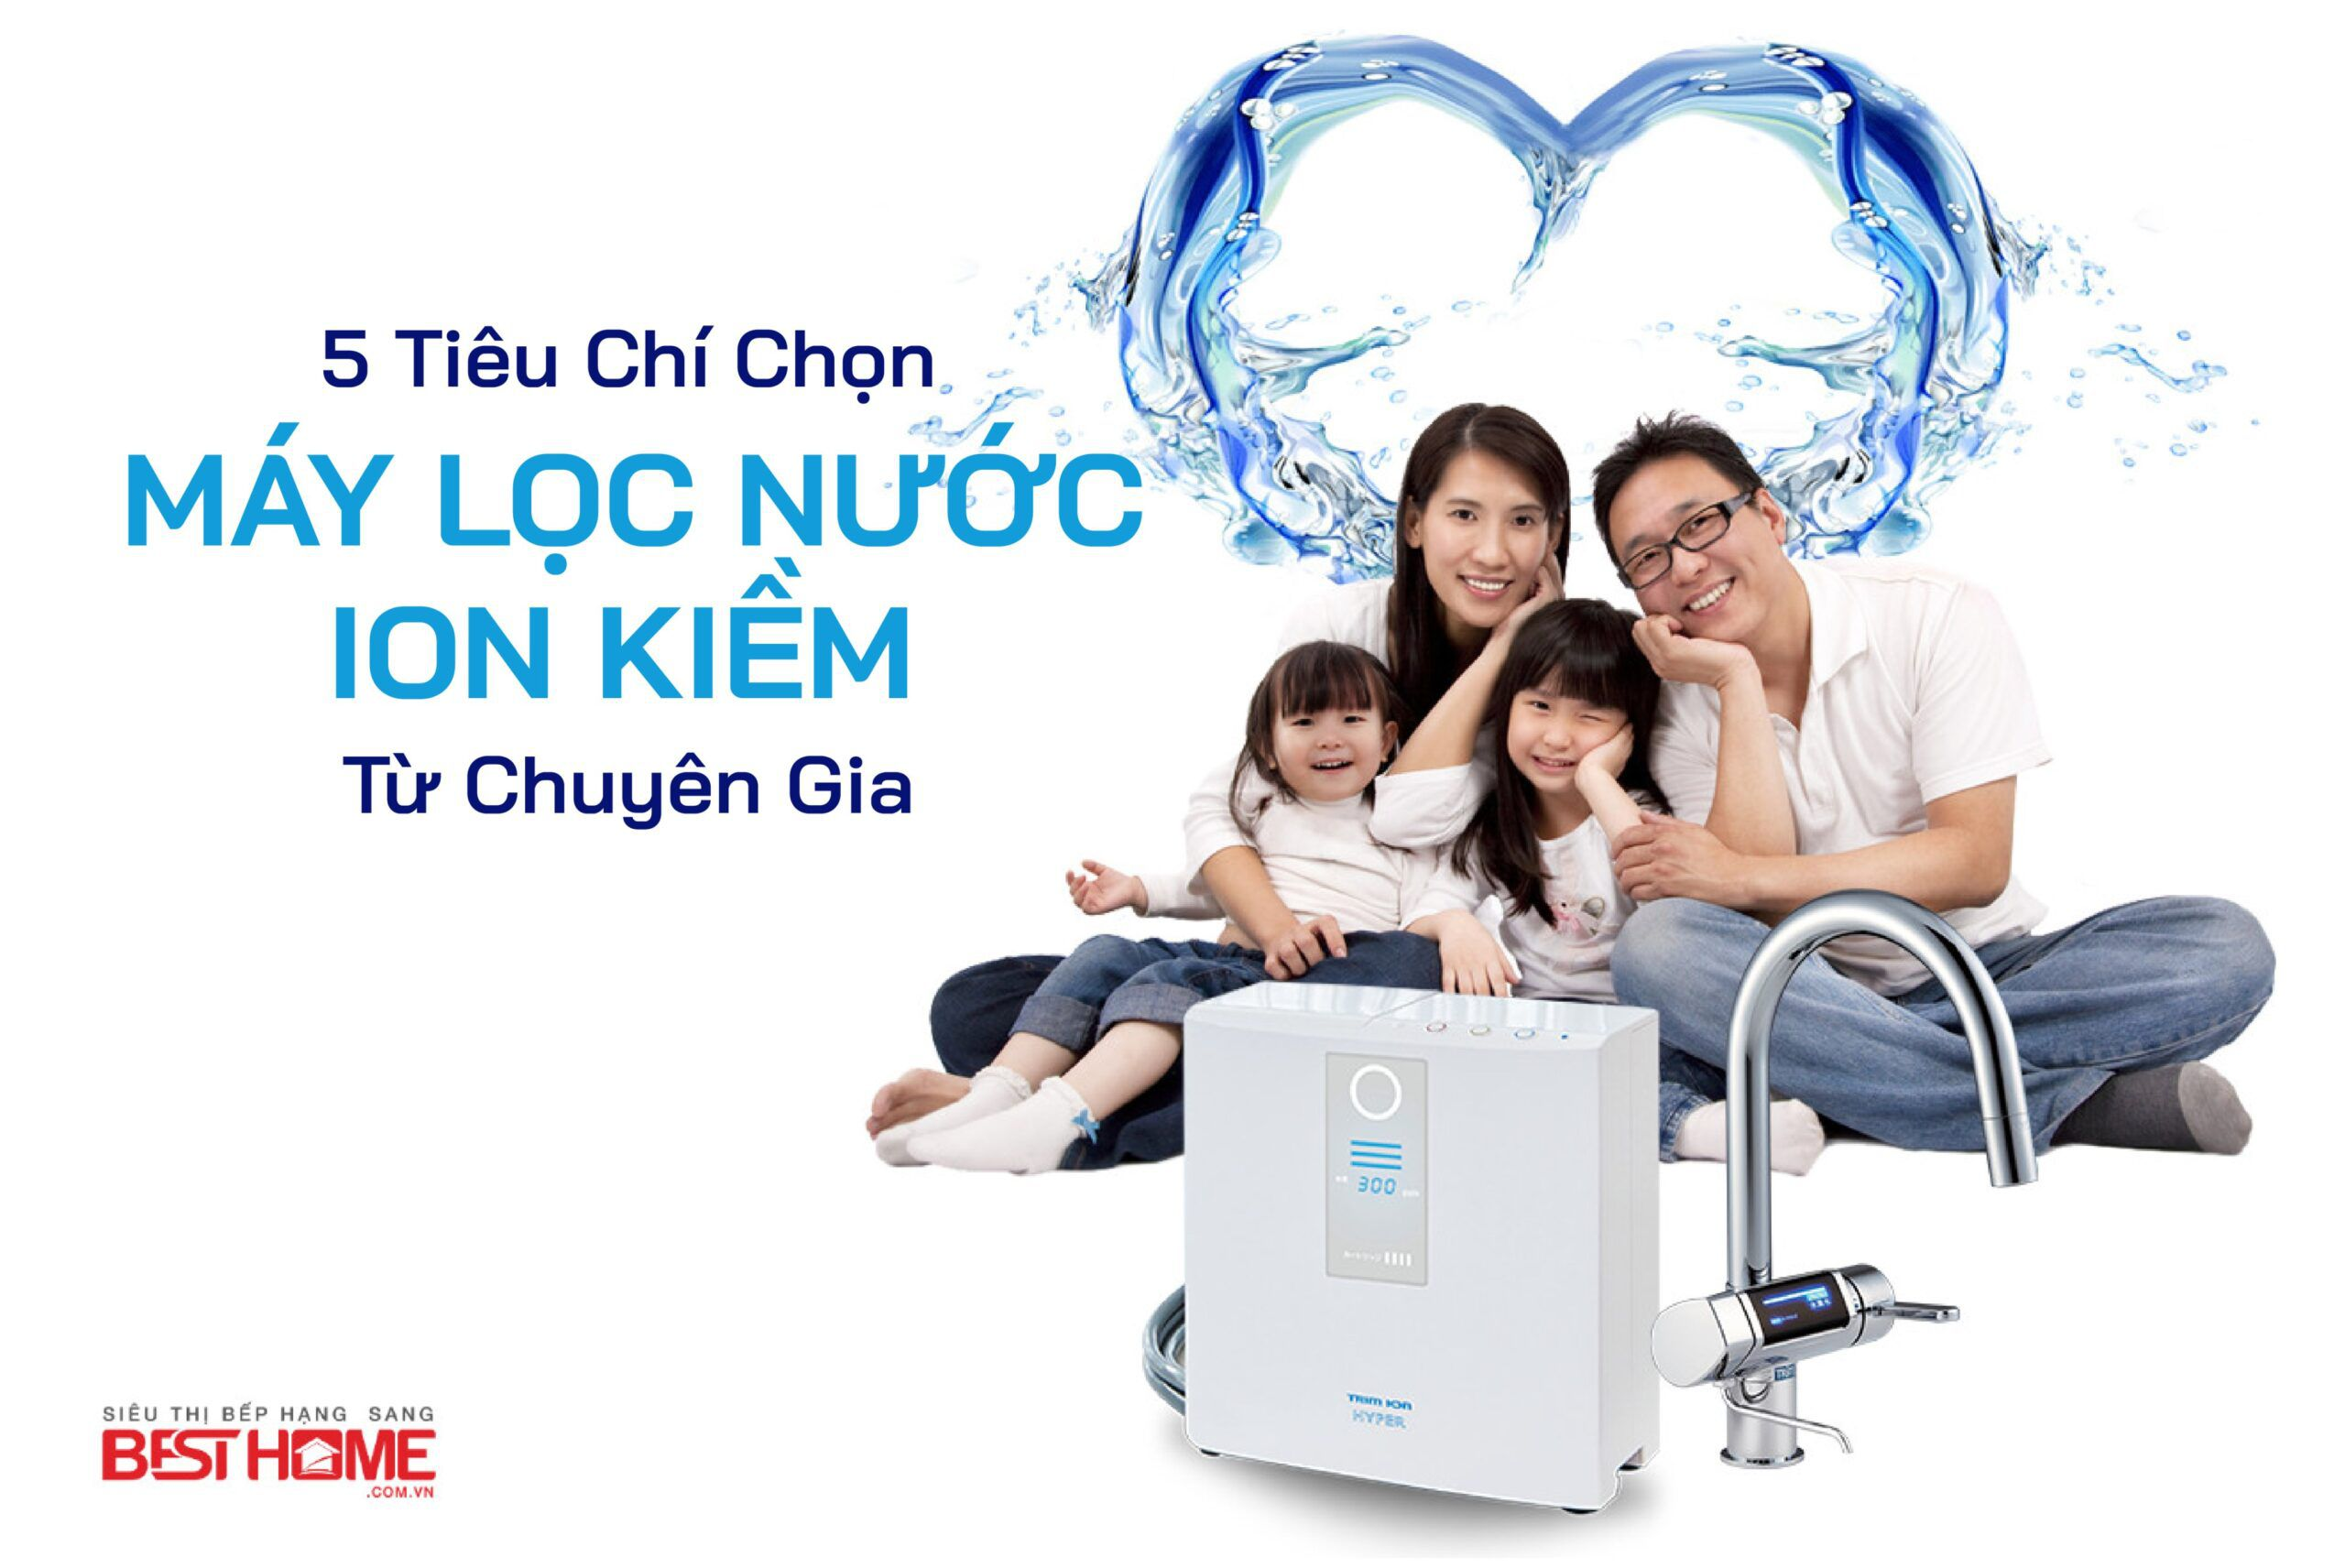 5 tiêu chí chọn máy lọc nước ion kiềm từ chuyên gia nhất định phải biết